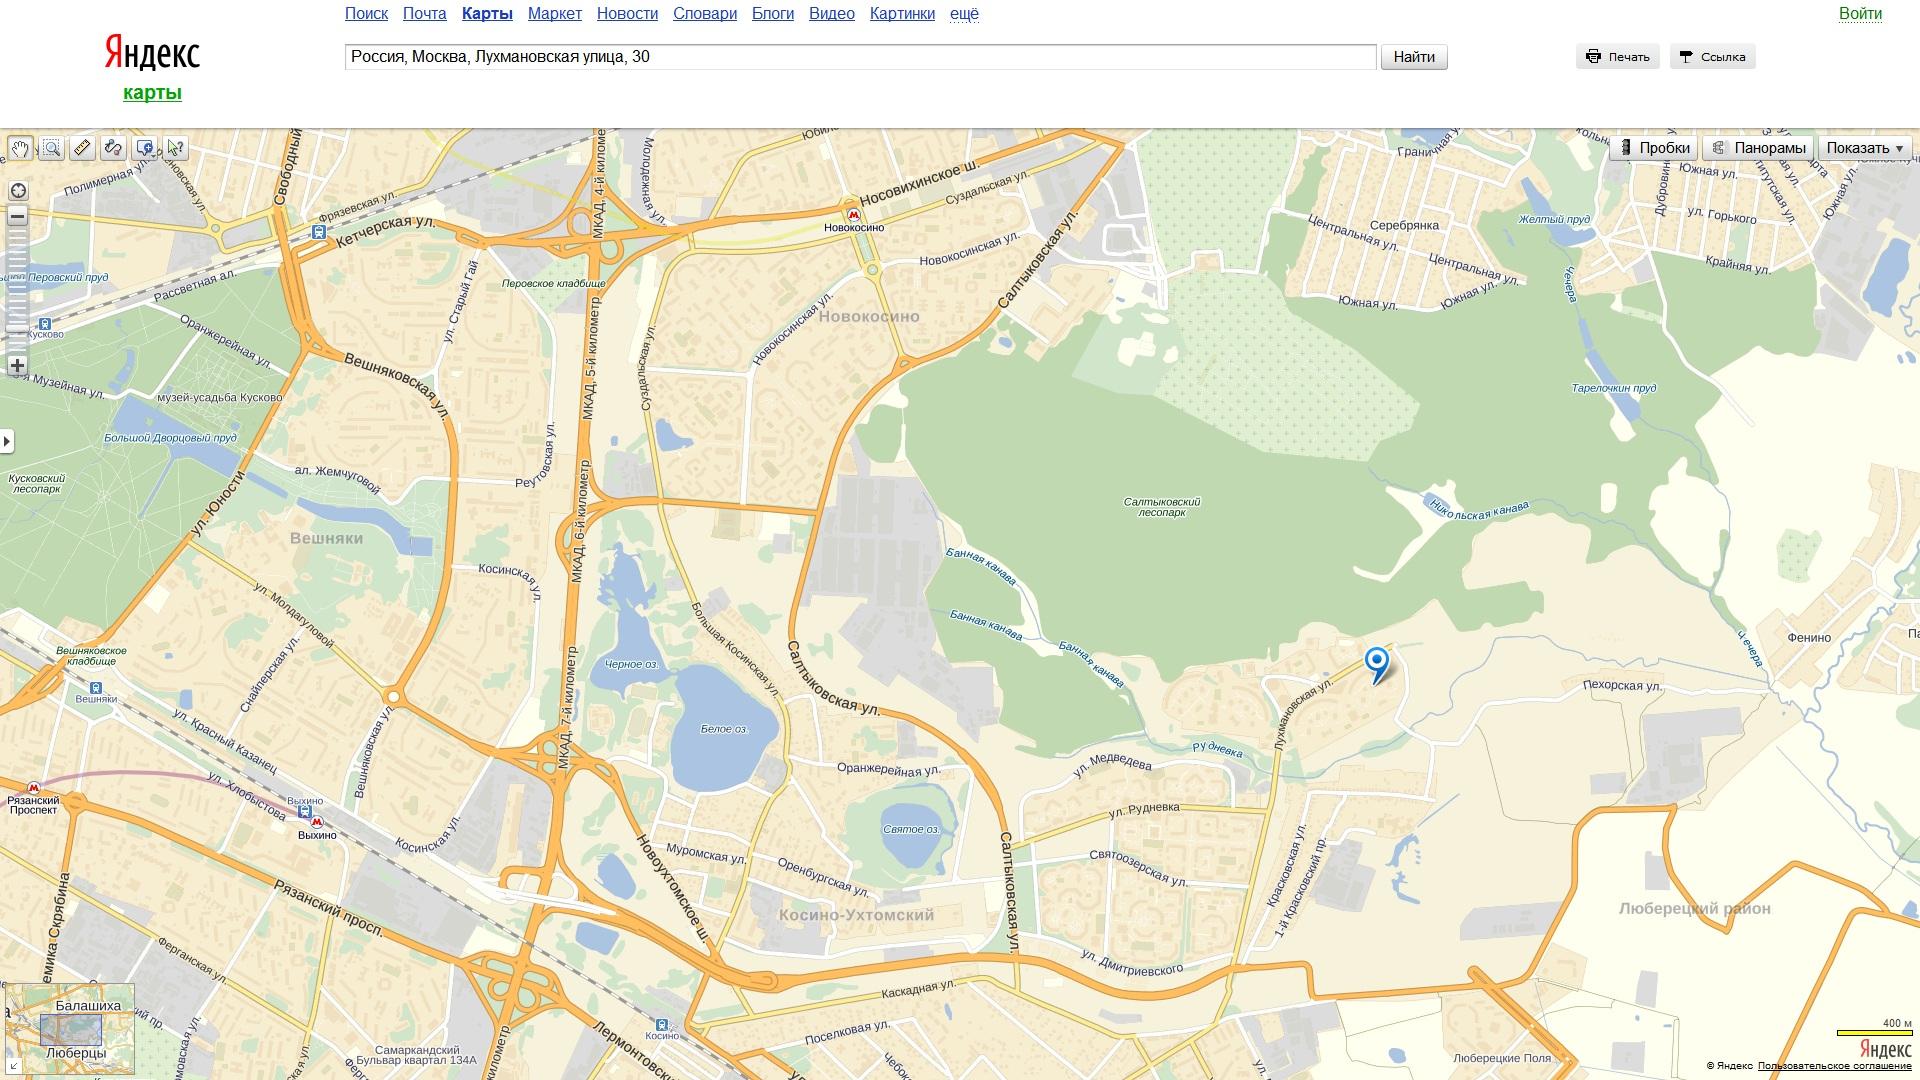 Яндекс Карта Киева На Андроид